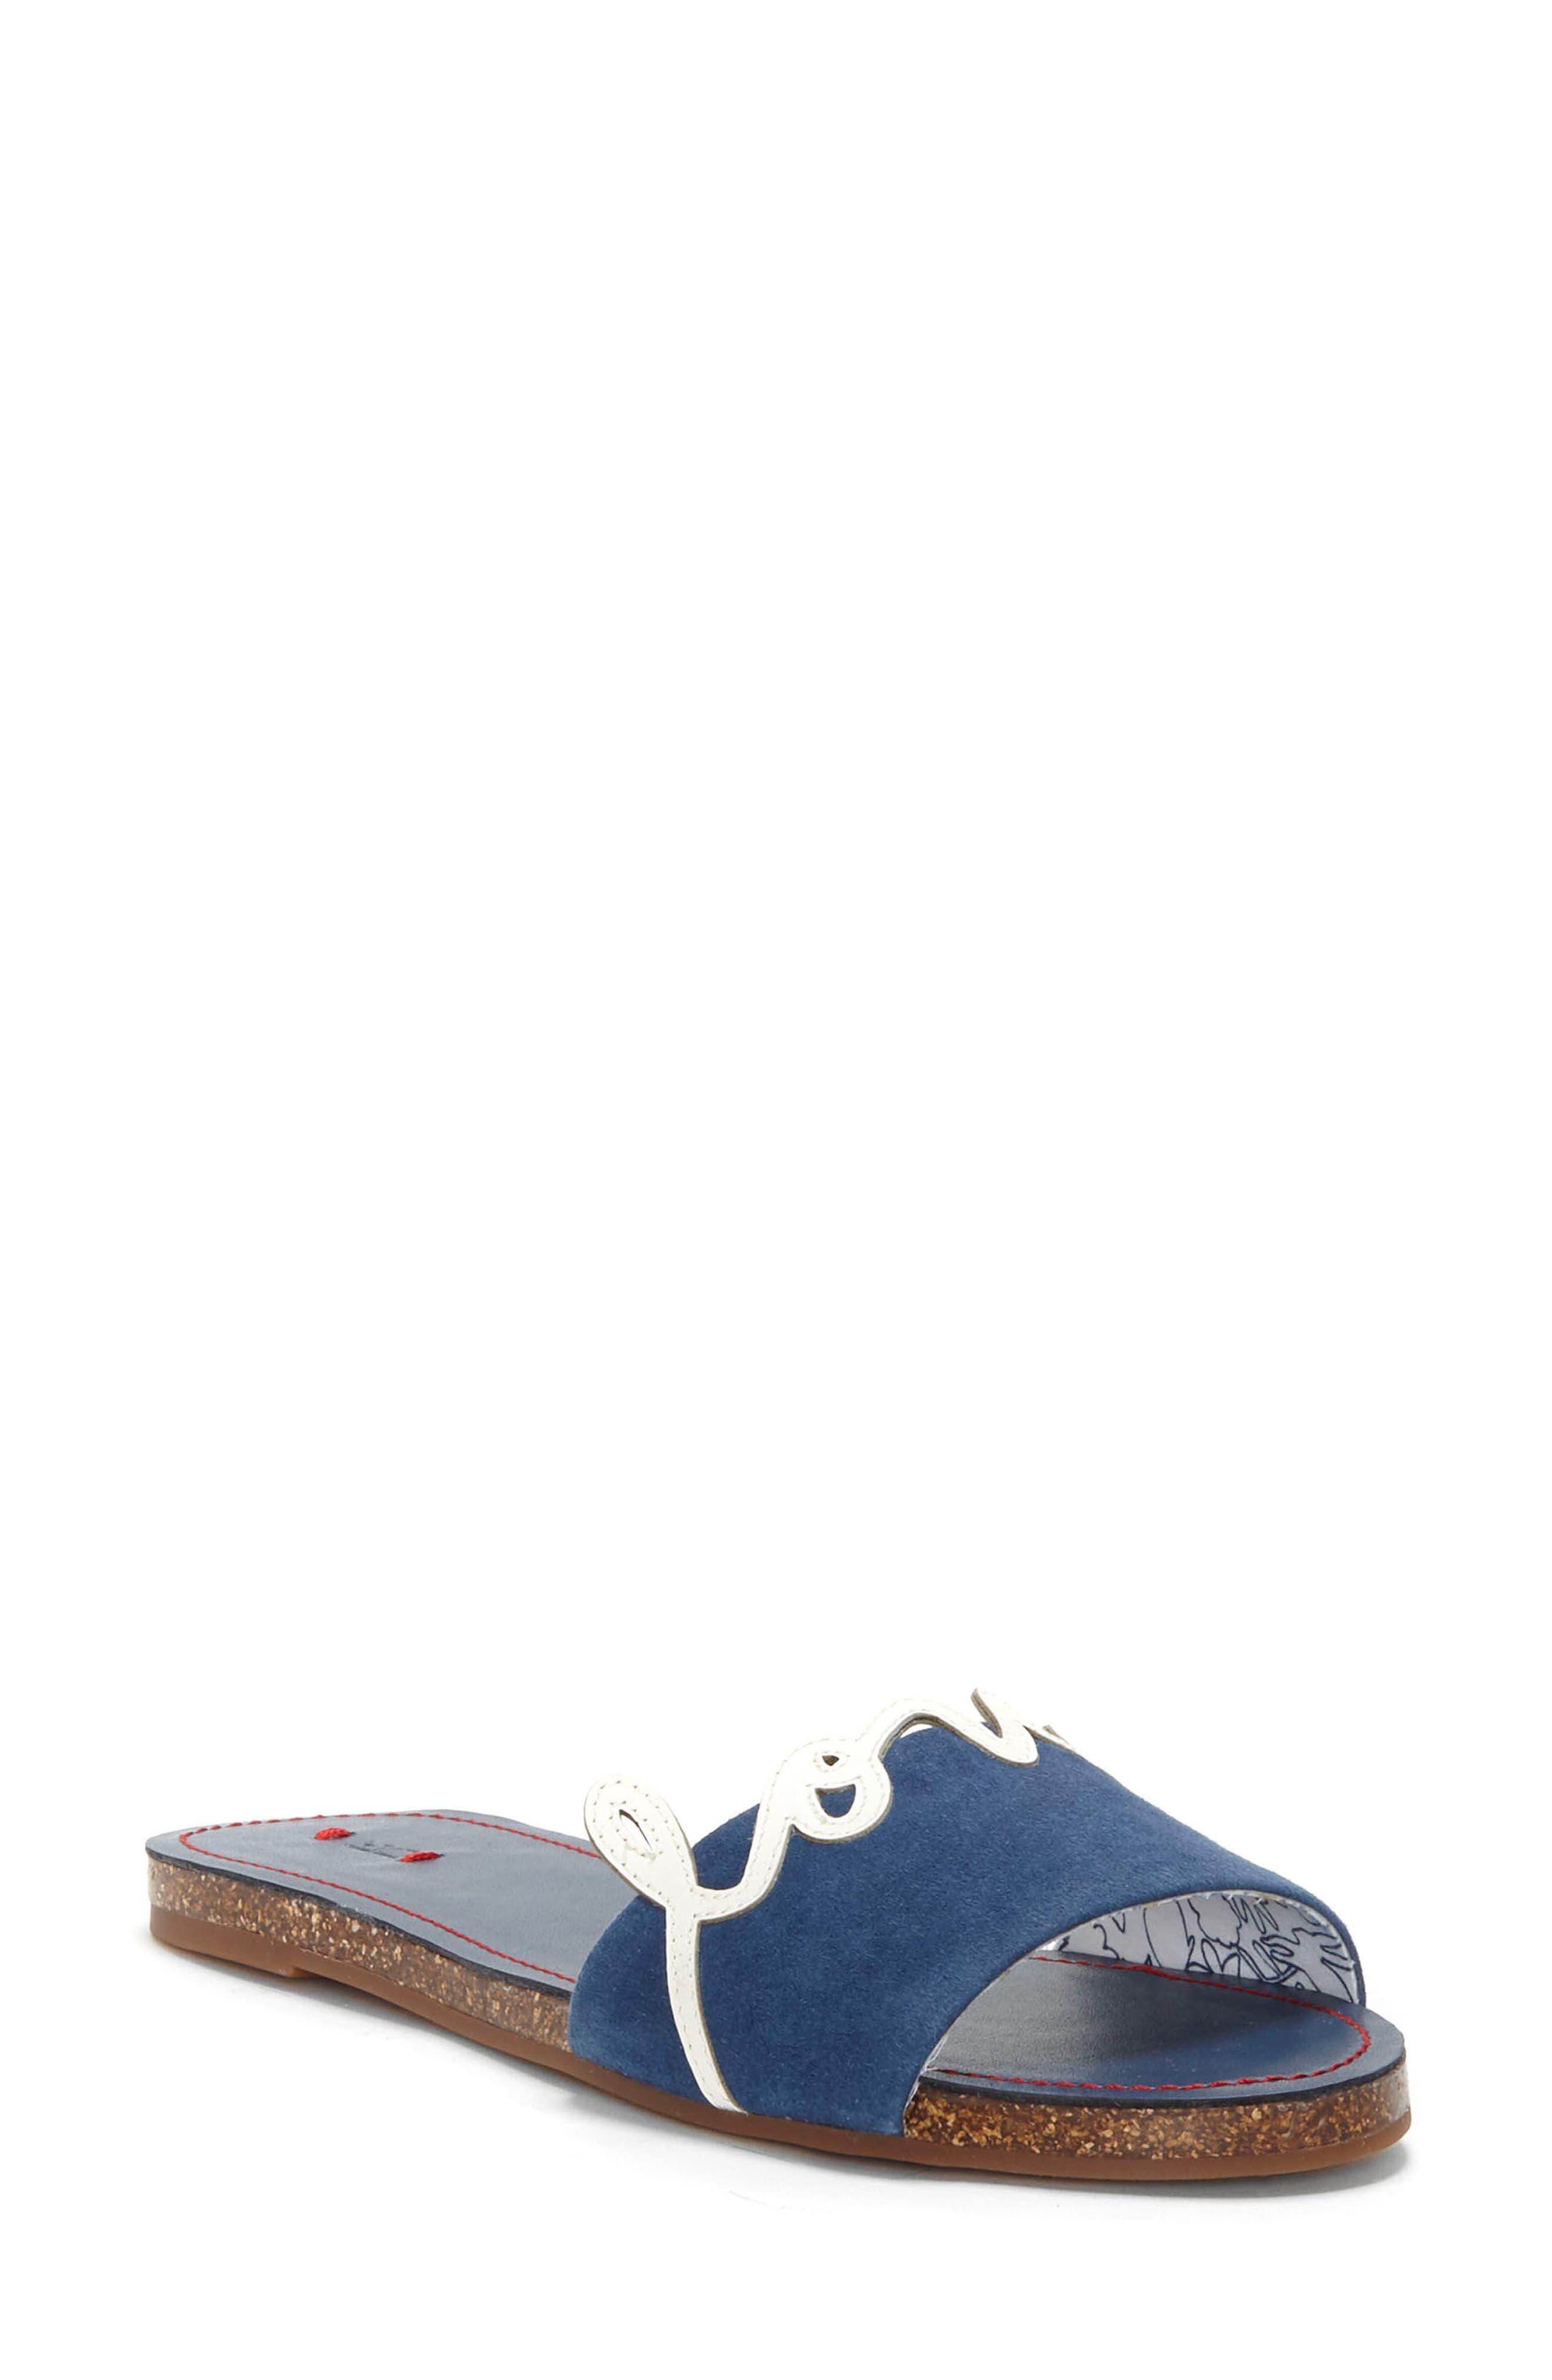 Sharlin Slide Sandal,                         Main,                         color, Oxford Blue/ Milk